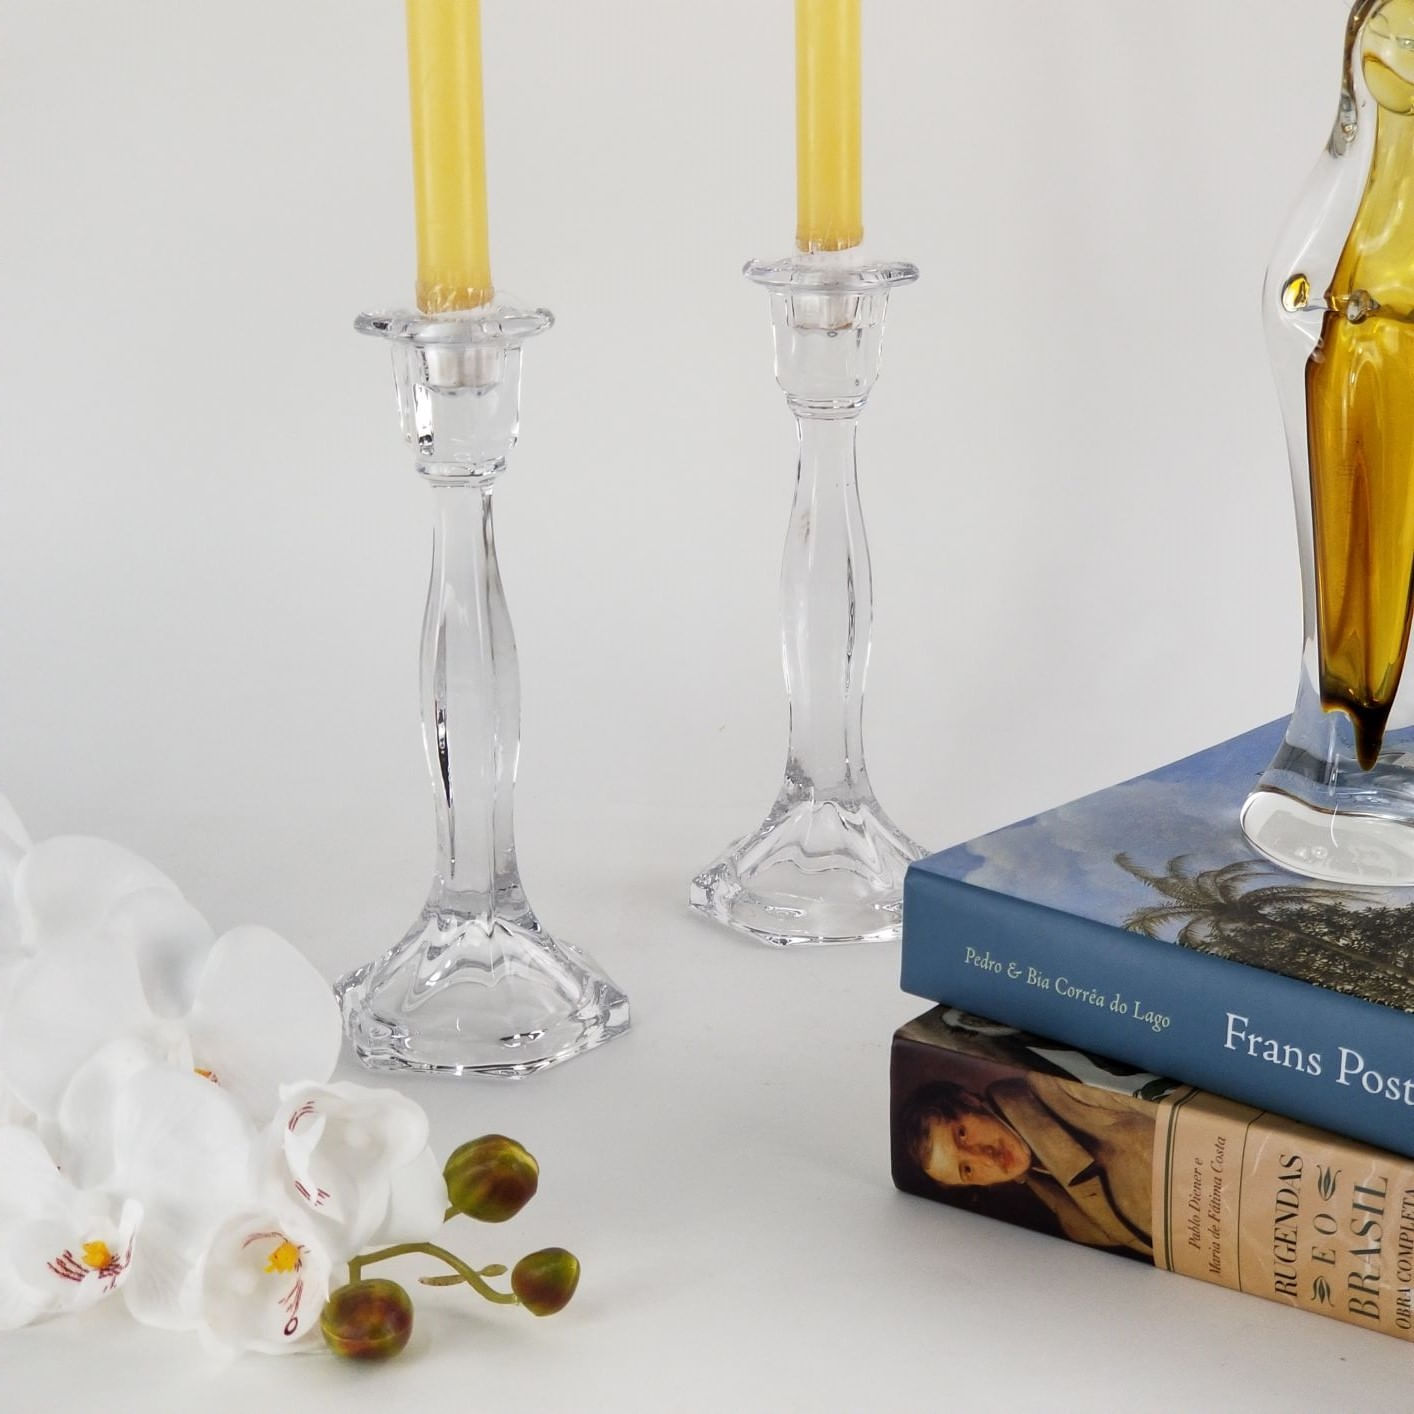 Kit 2 Castiçais de Cristal Transparente - Objeto Decorativo